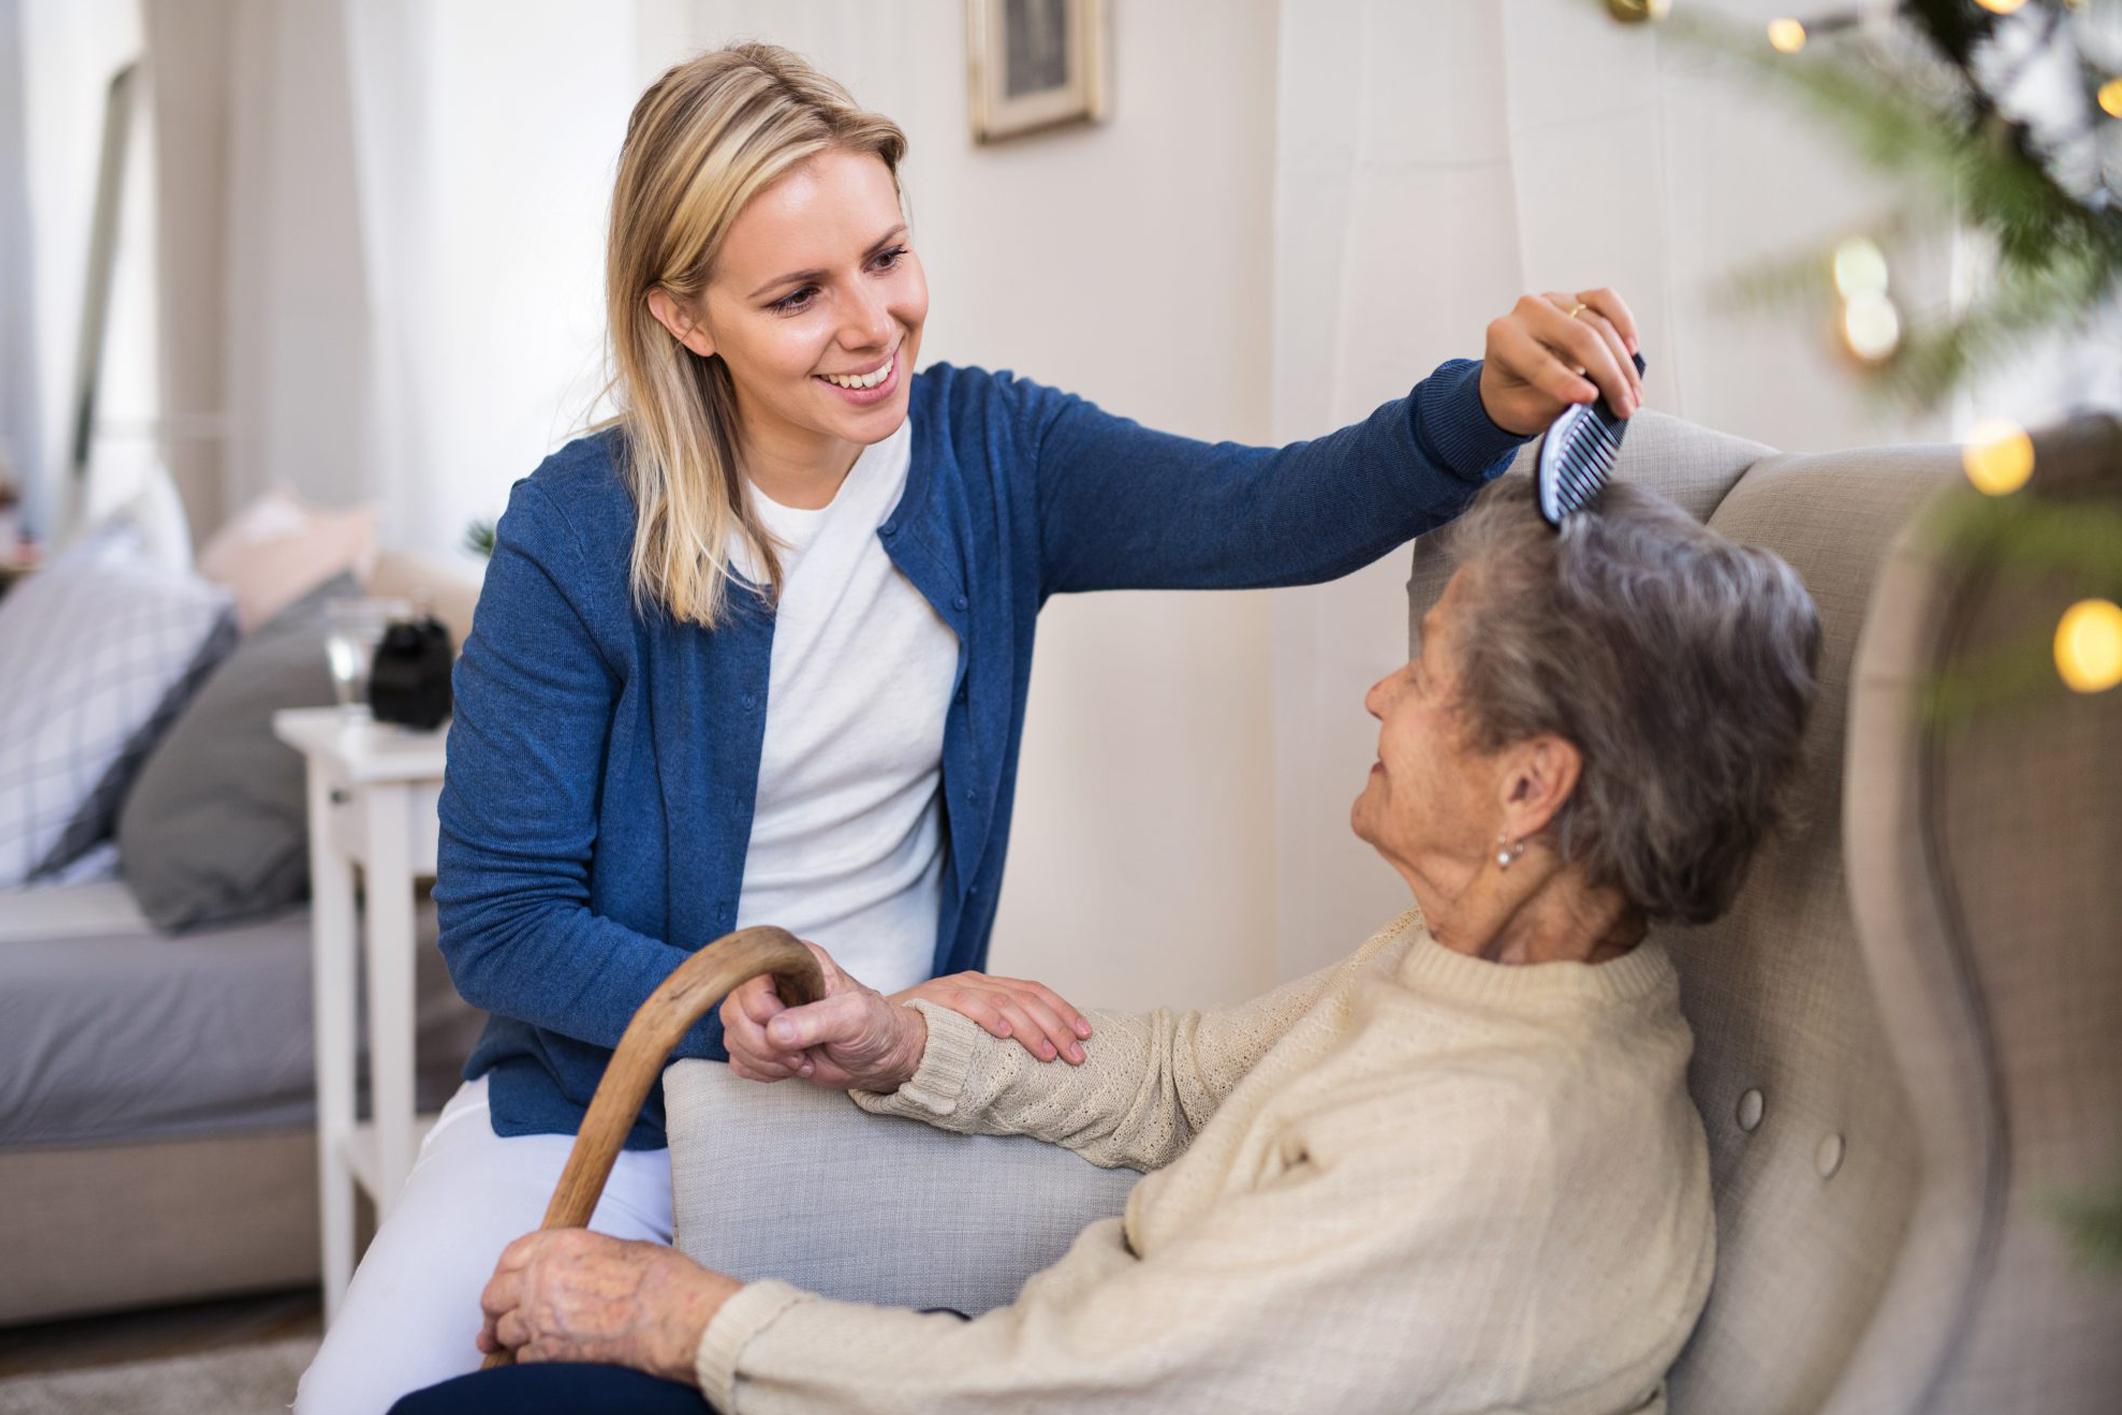 پرستاری از بیمار | پرستاری | نگهداری از بیمار |نگهداری از سالمند | نگهداری از کودک